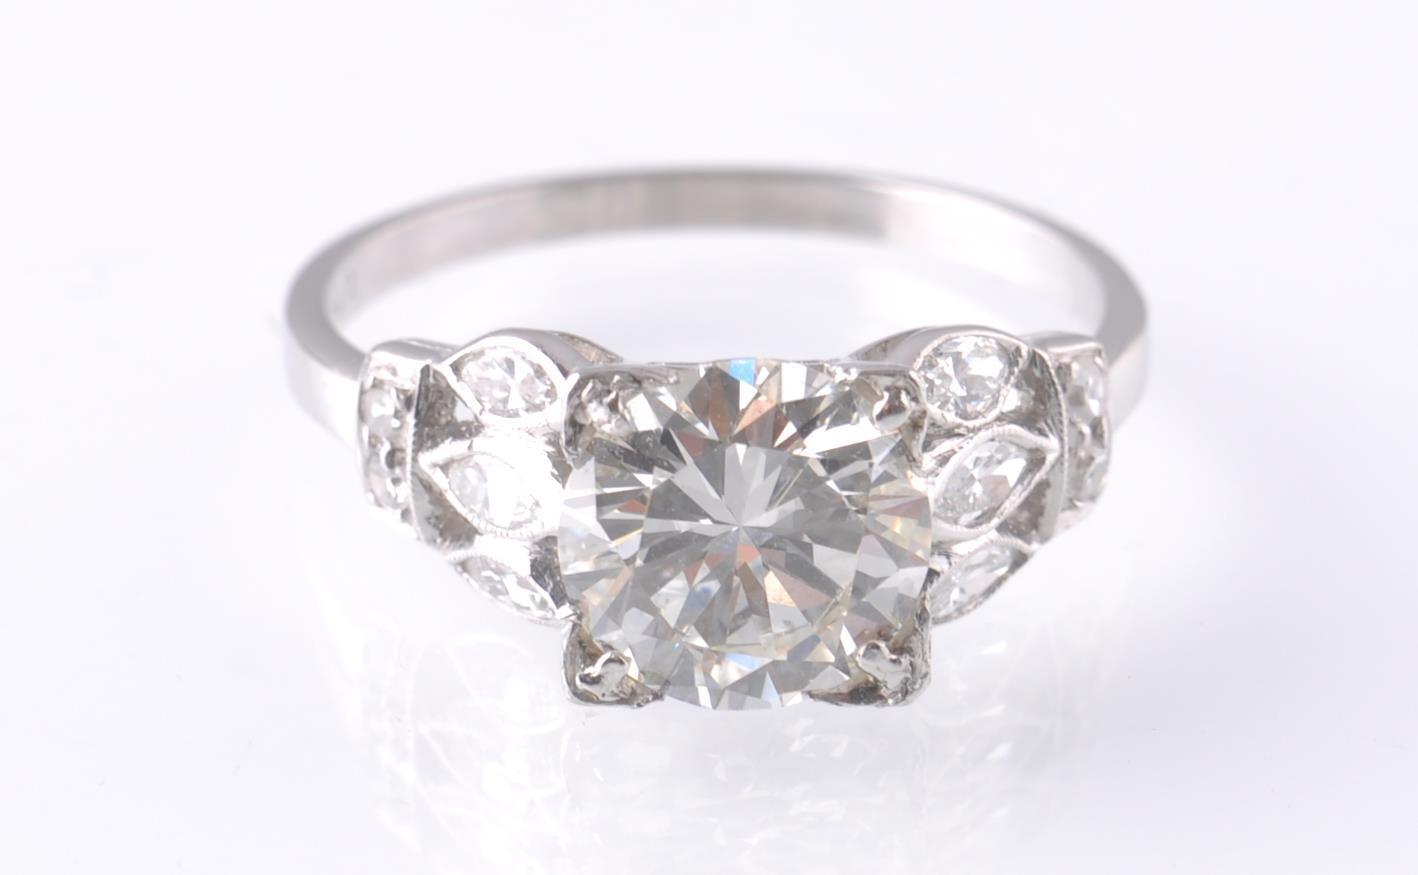 ART DECO PLATINUM AND DIAMOND SOLITAIRE 2CT RING